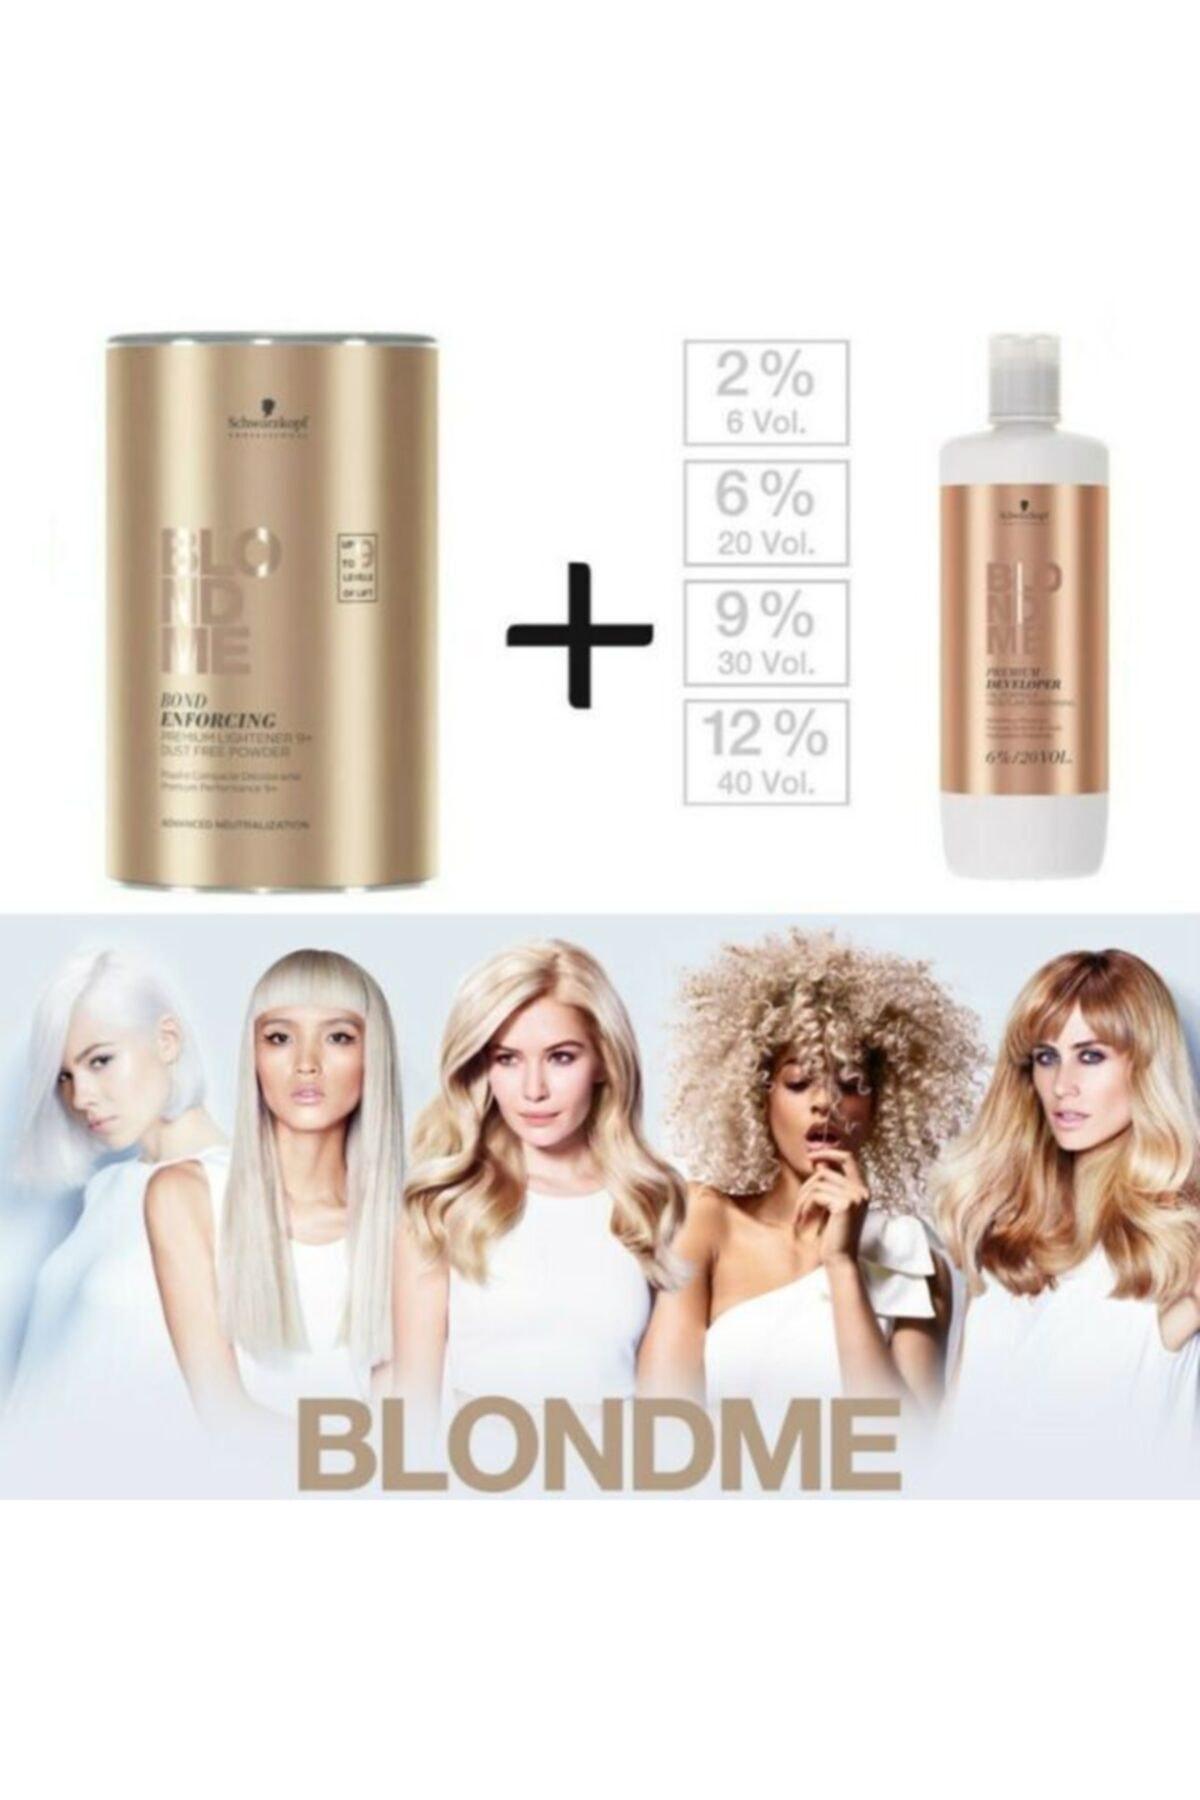 SCHWARZKOPF HAIR MASCARA Blondme Premium Lift+9 Açıcı 450 G + Oksidan %12 40 Volume 1000 Ml 2